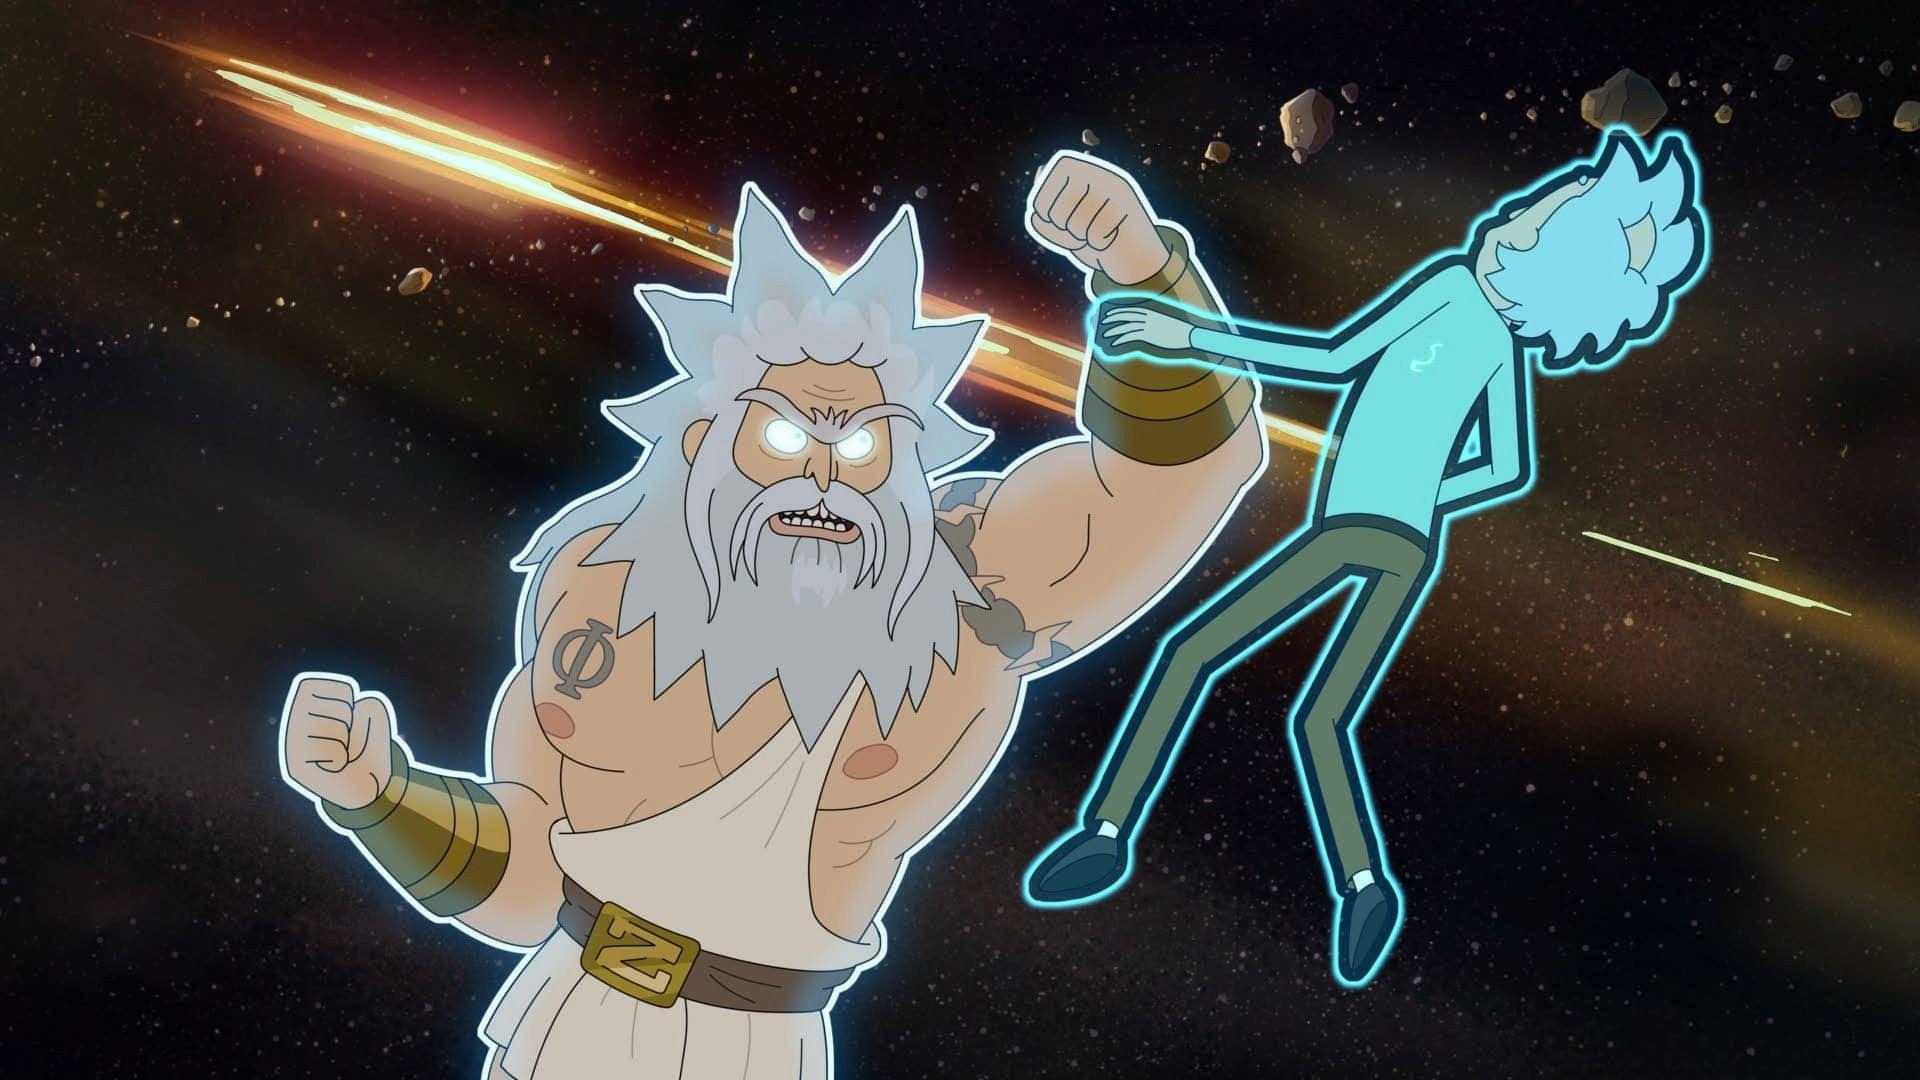 «Стражи Галактики» и бывшая Рика: Разбор 9-й серии нового сезона «Рика и Морти»